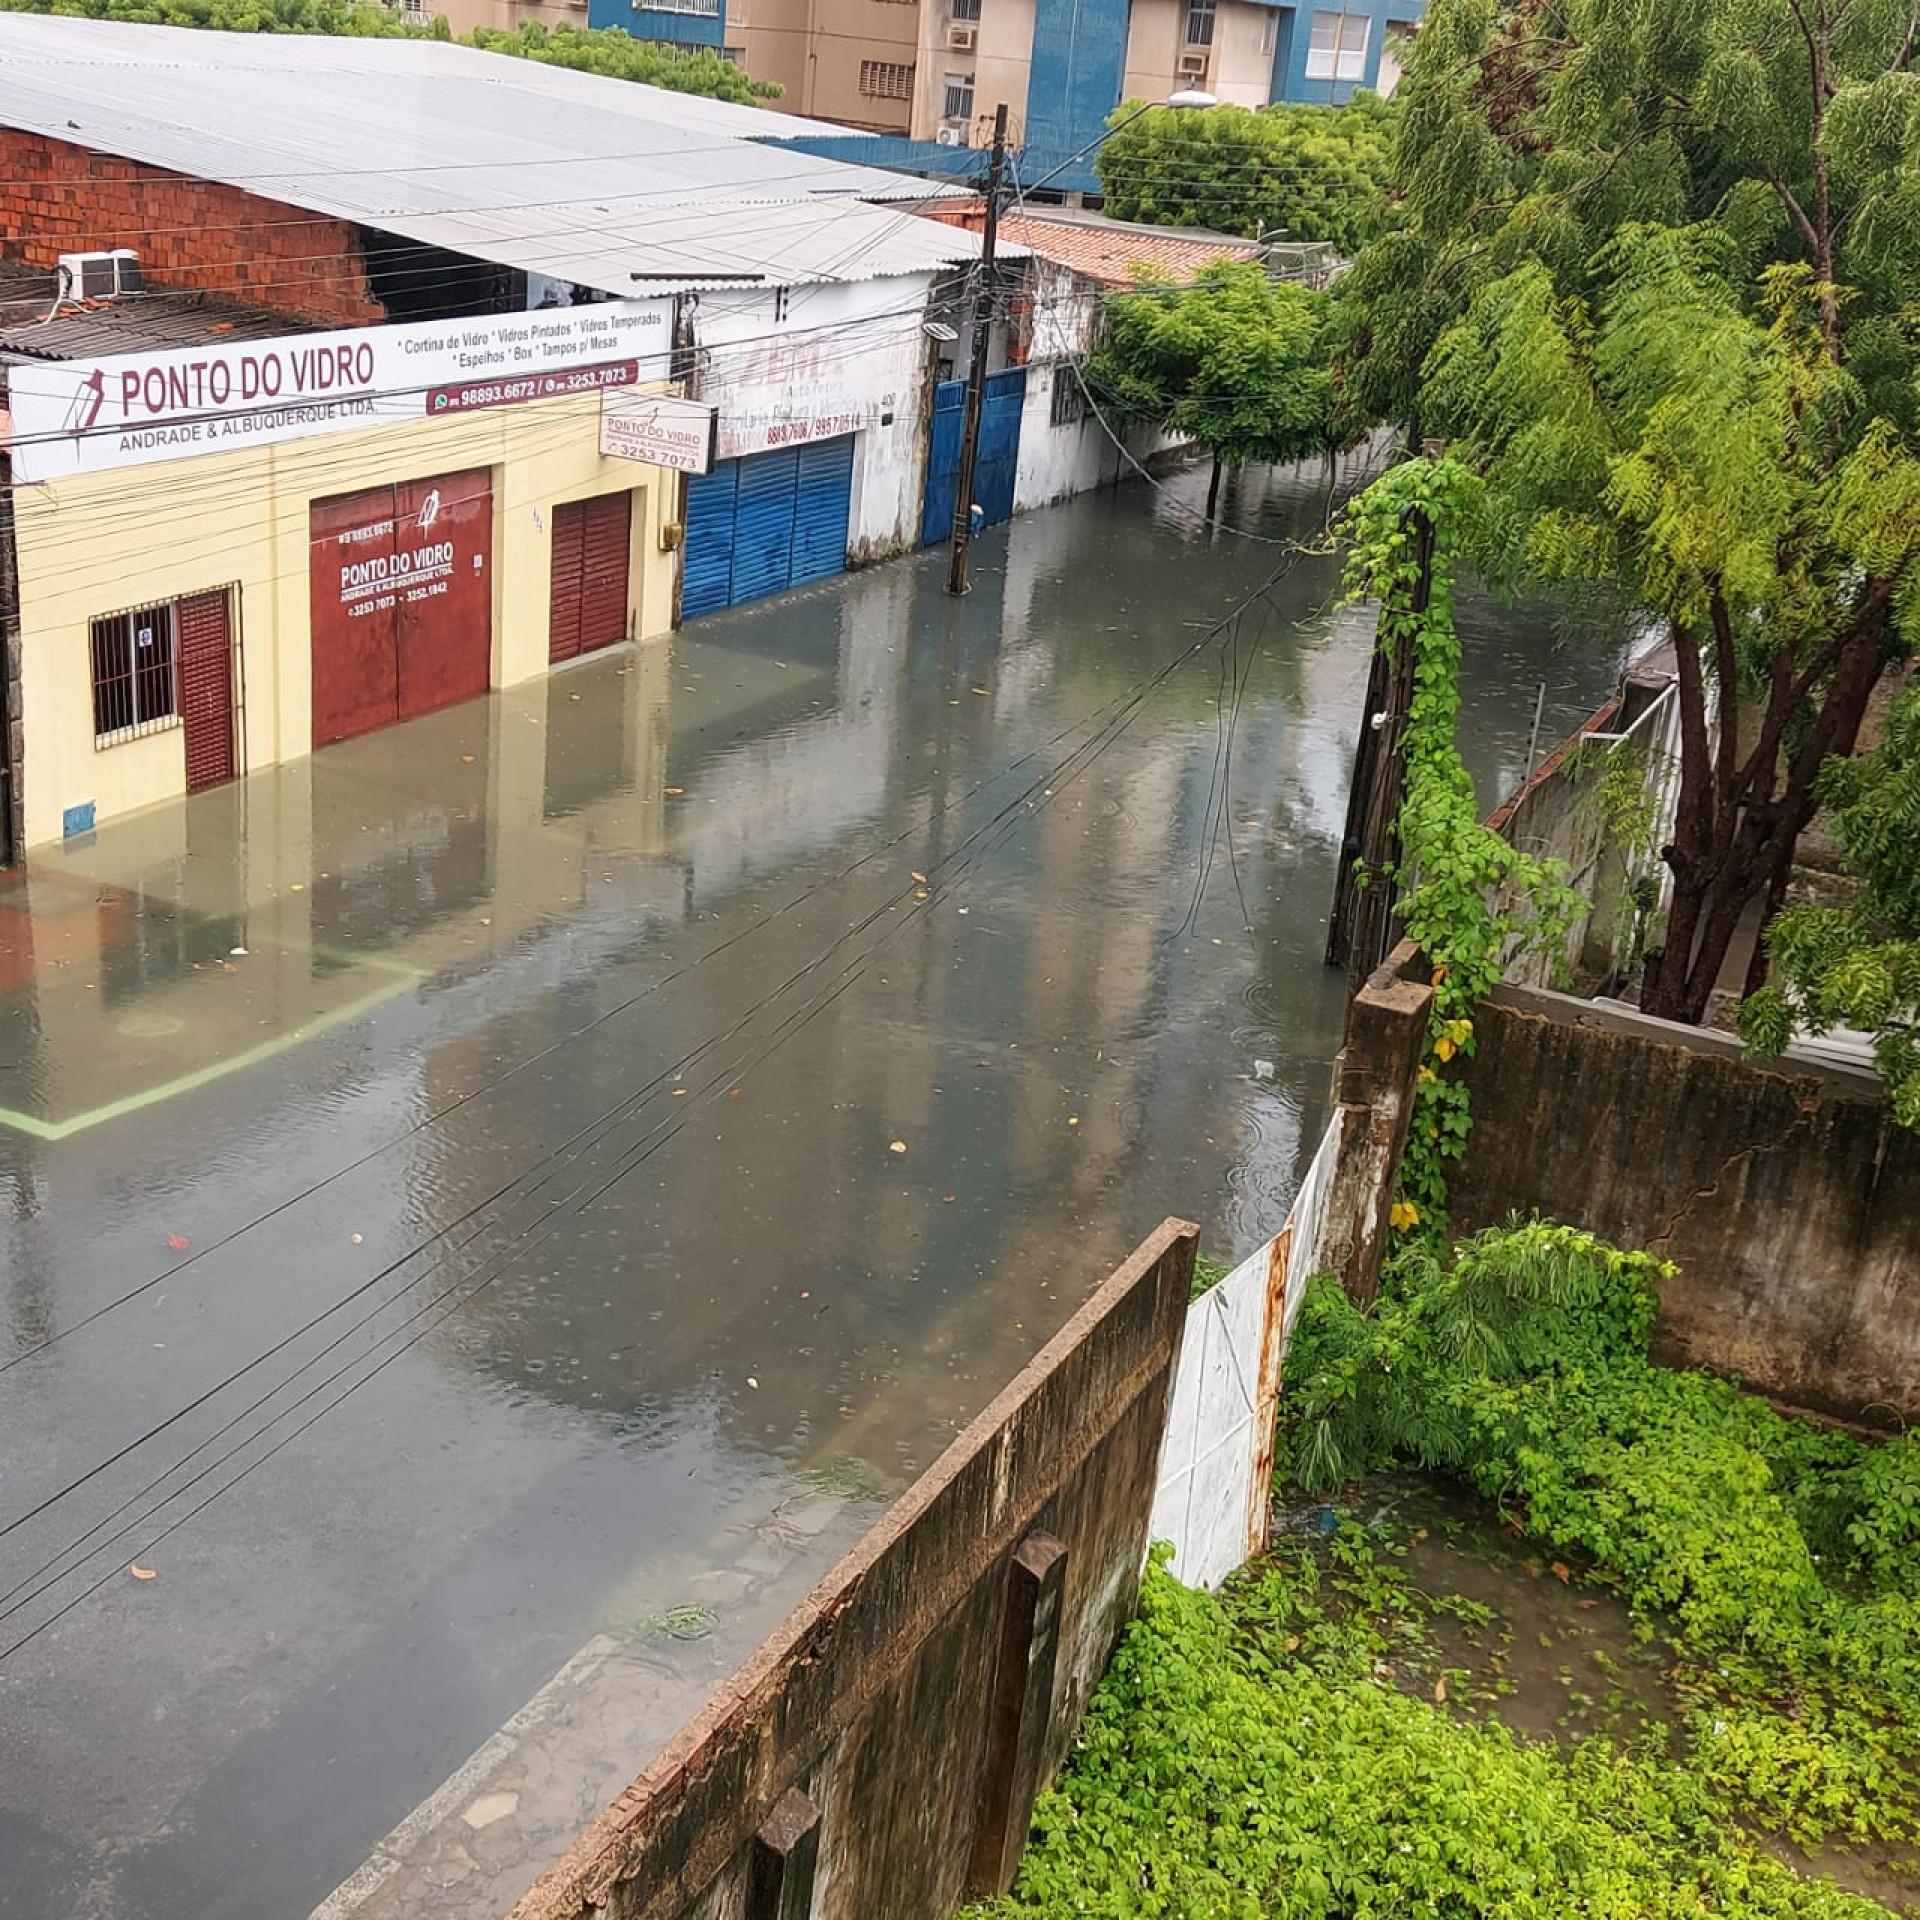 Rua J. da Penha fica próxima ao Rio Pajeú, hoje praticamente soterrado